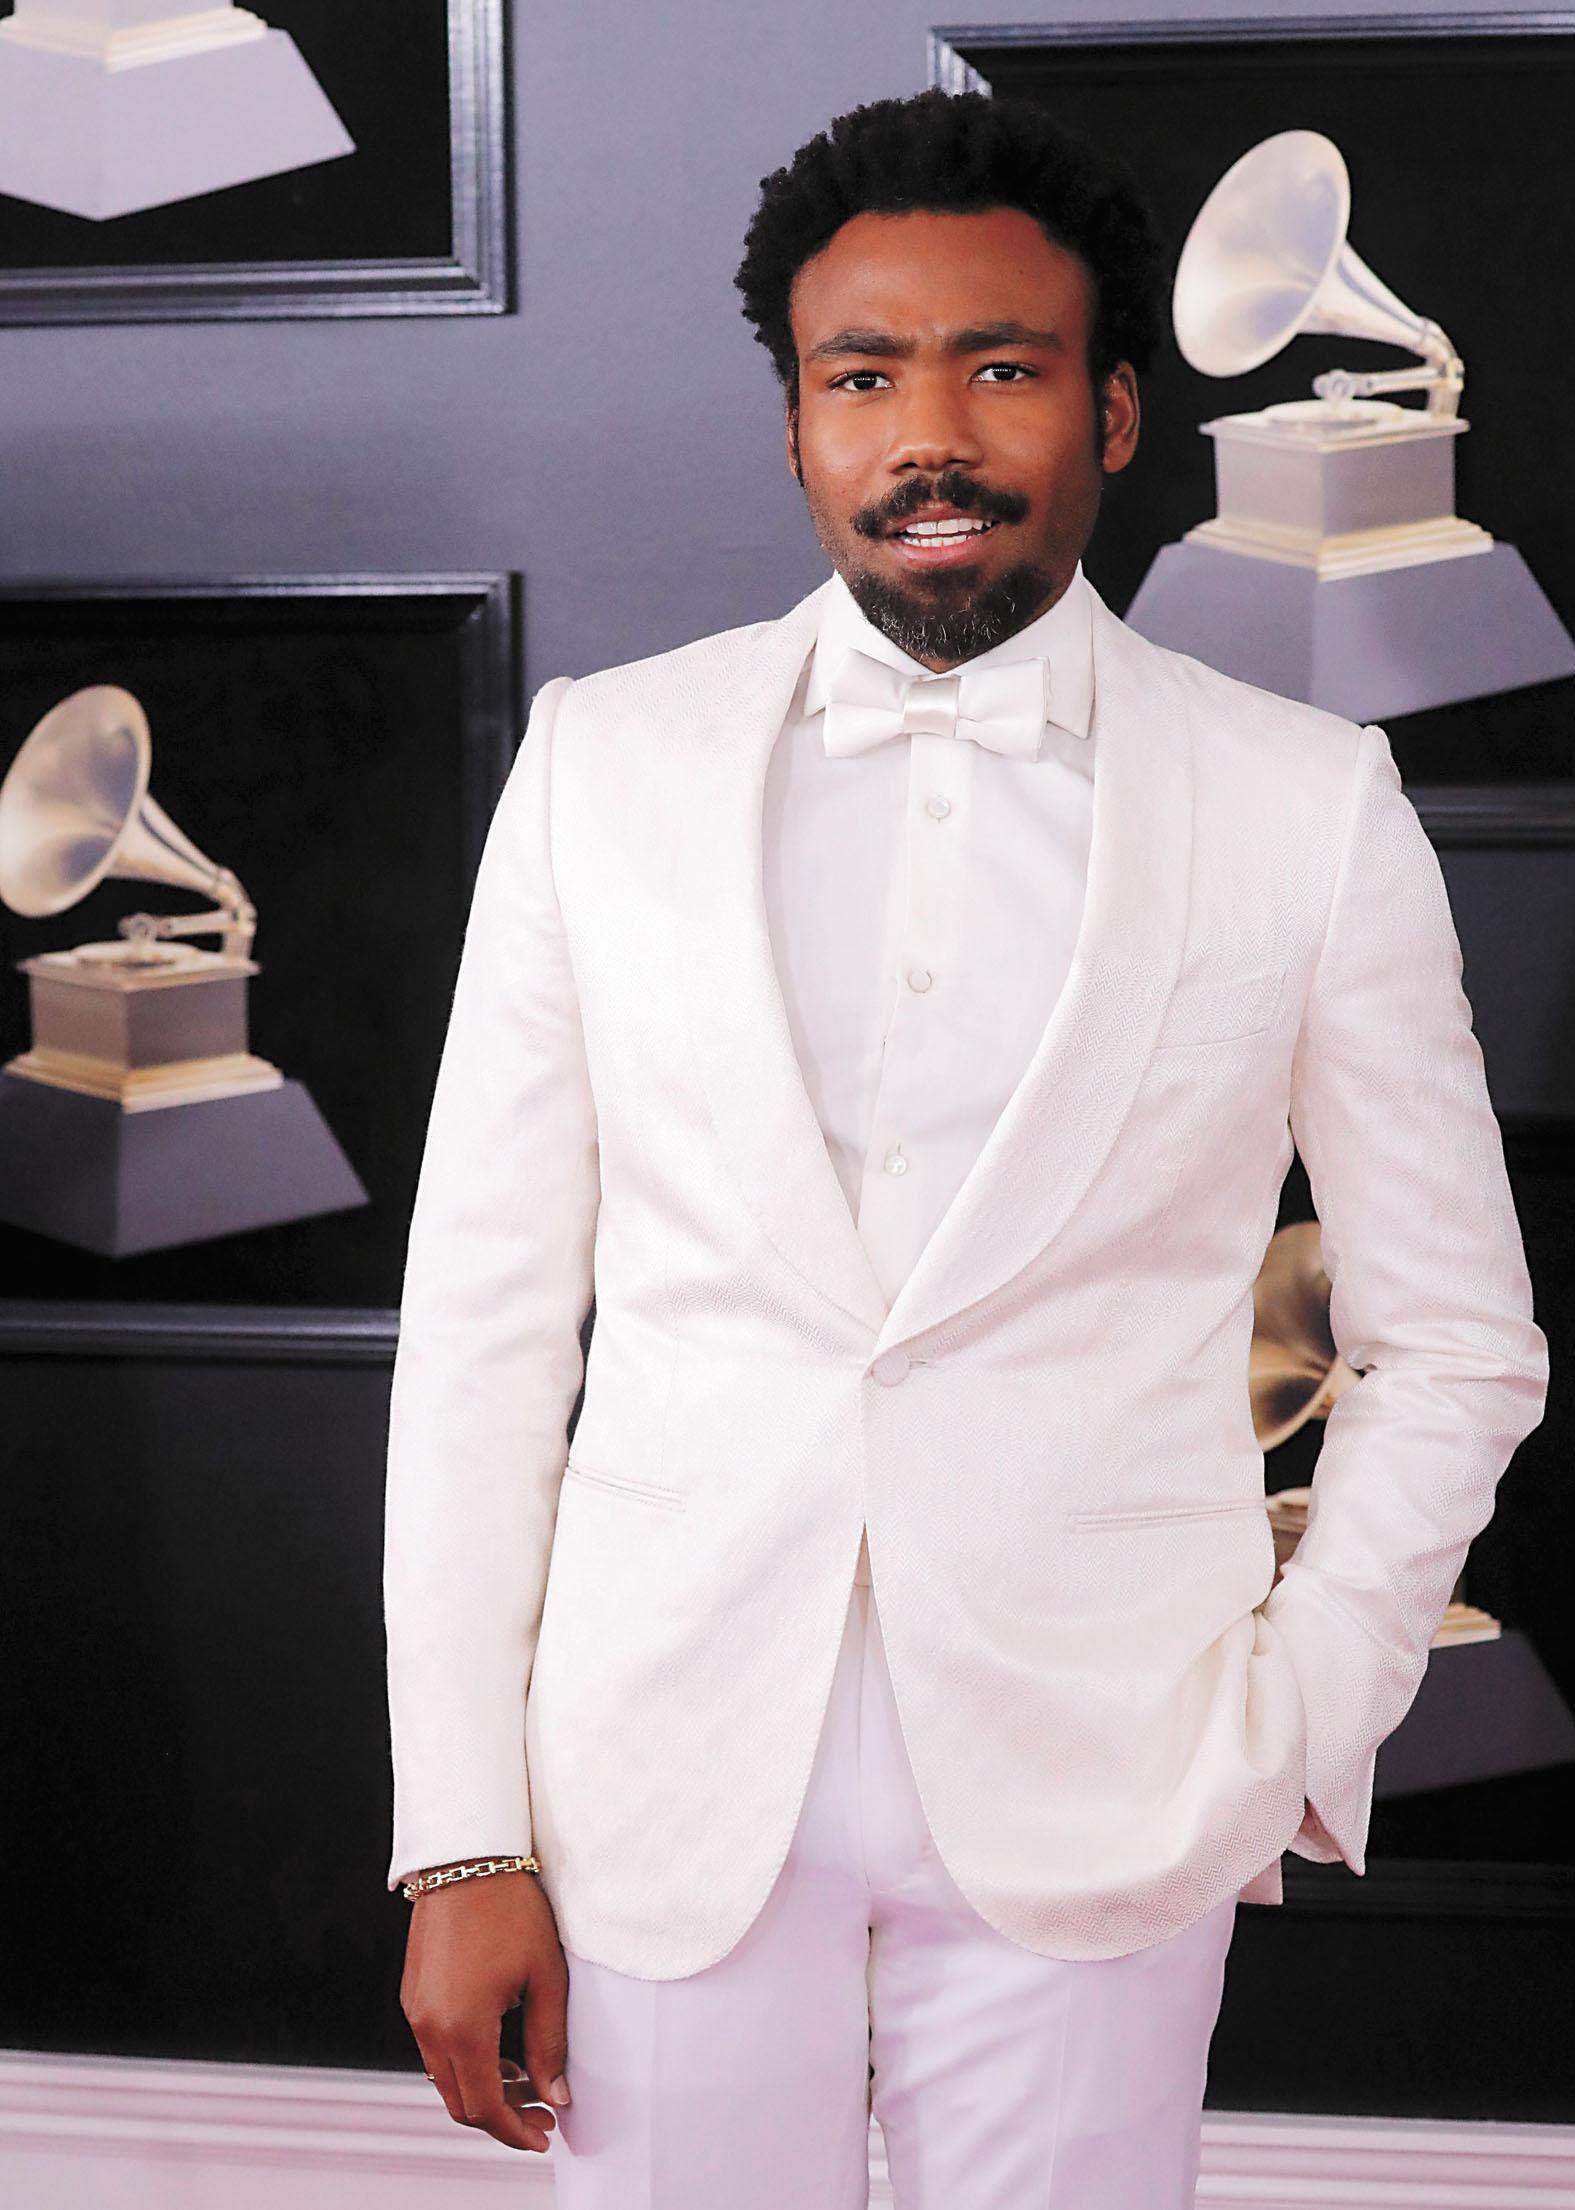 饒舌歌手「淘氣阿甘」打敗多名勁敵獲得年度最佳歌曲等獎項。他未有到場領獎,圖為他去年出席格萊美。路透社資料圖片